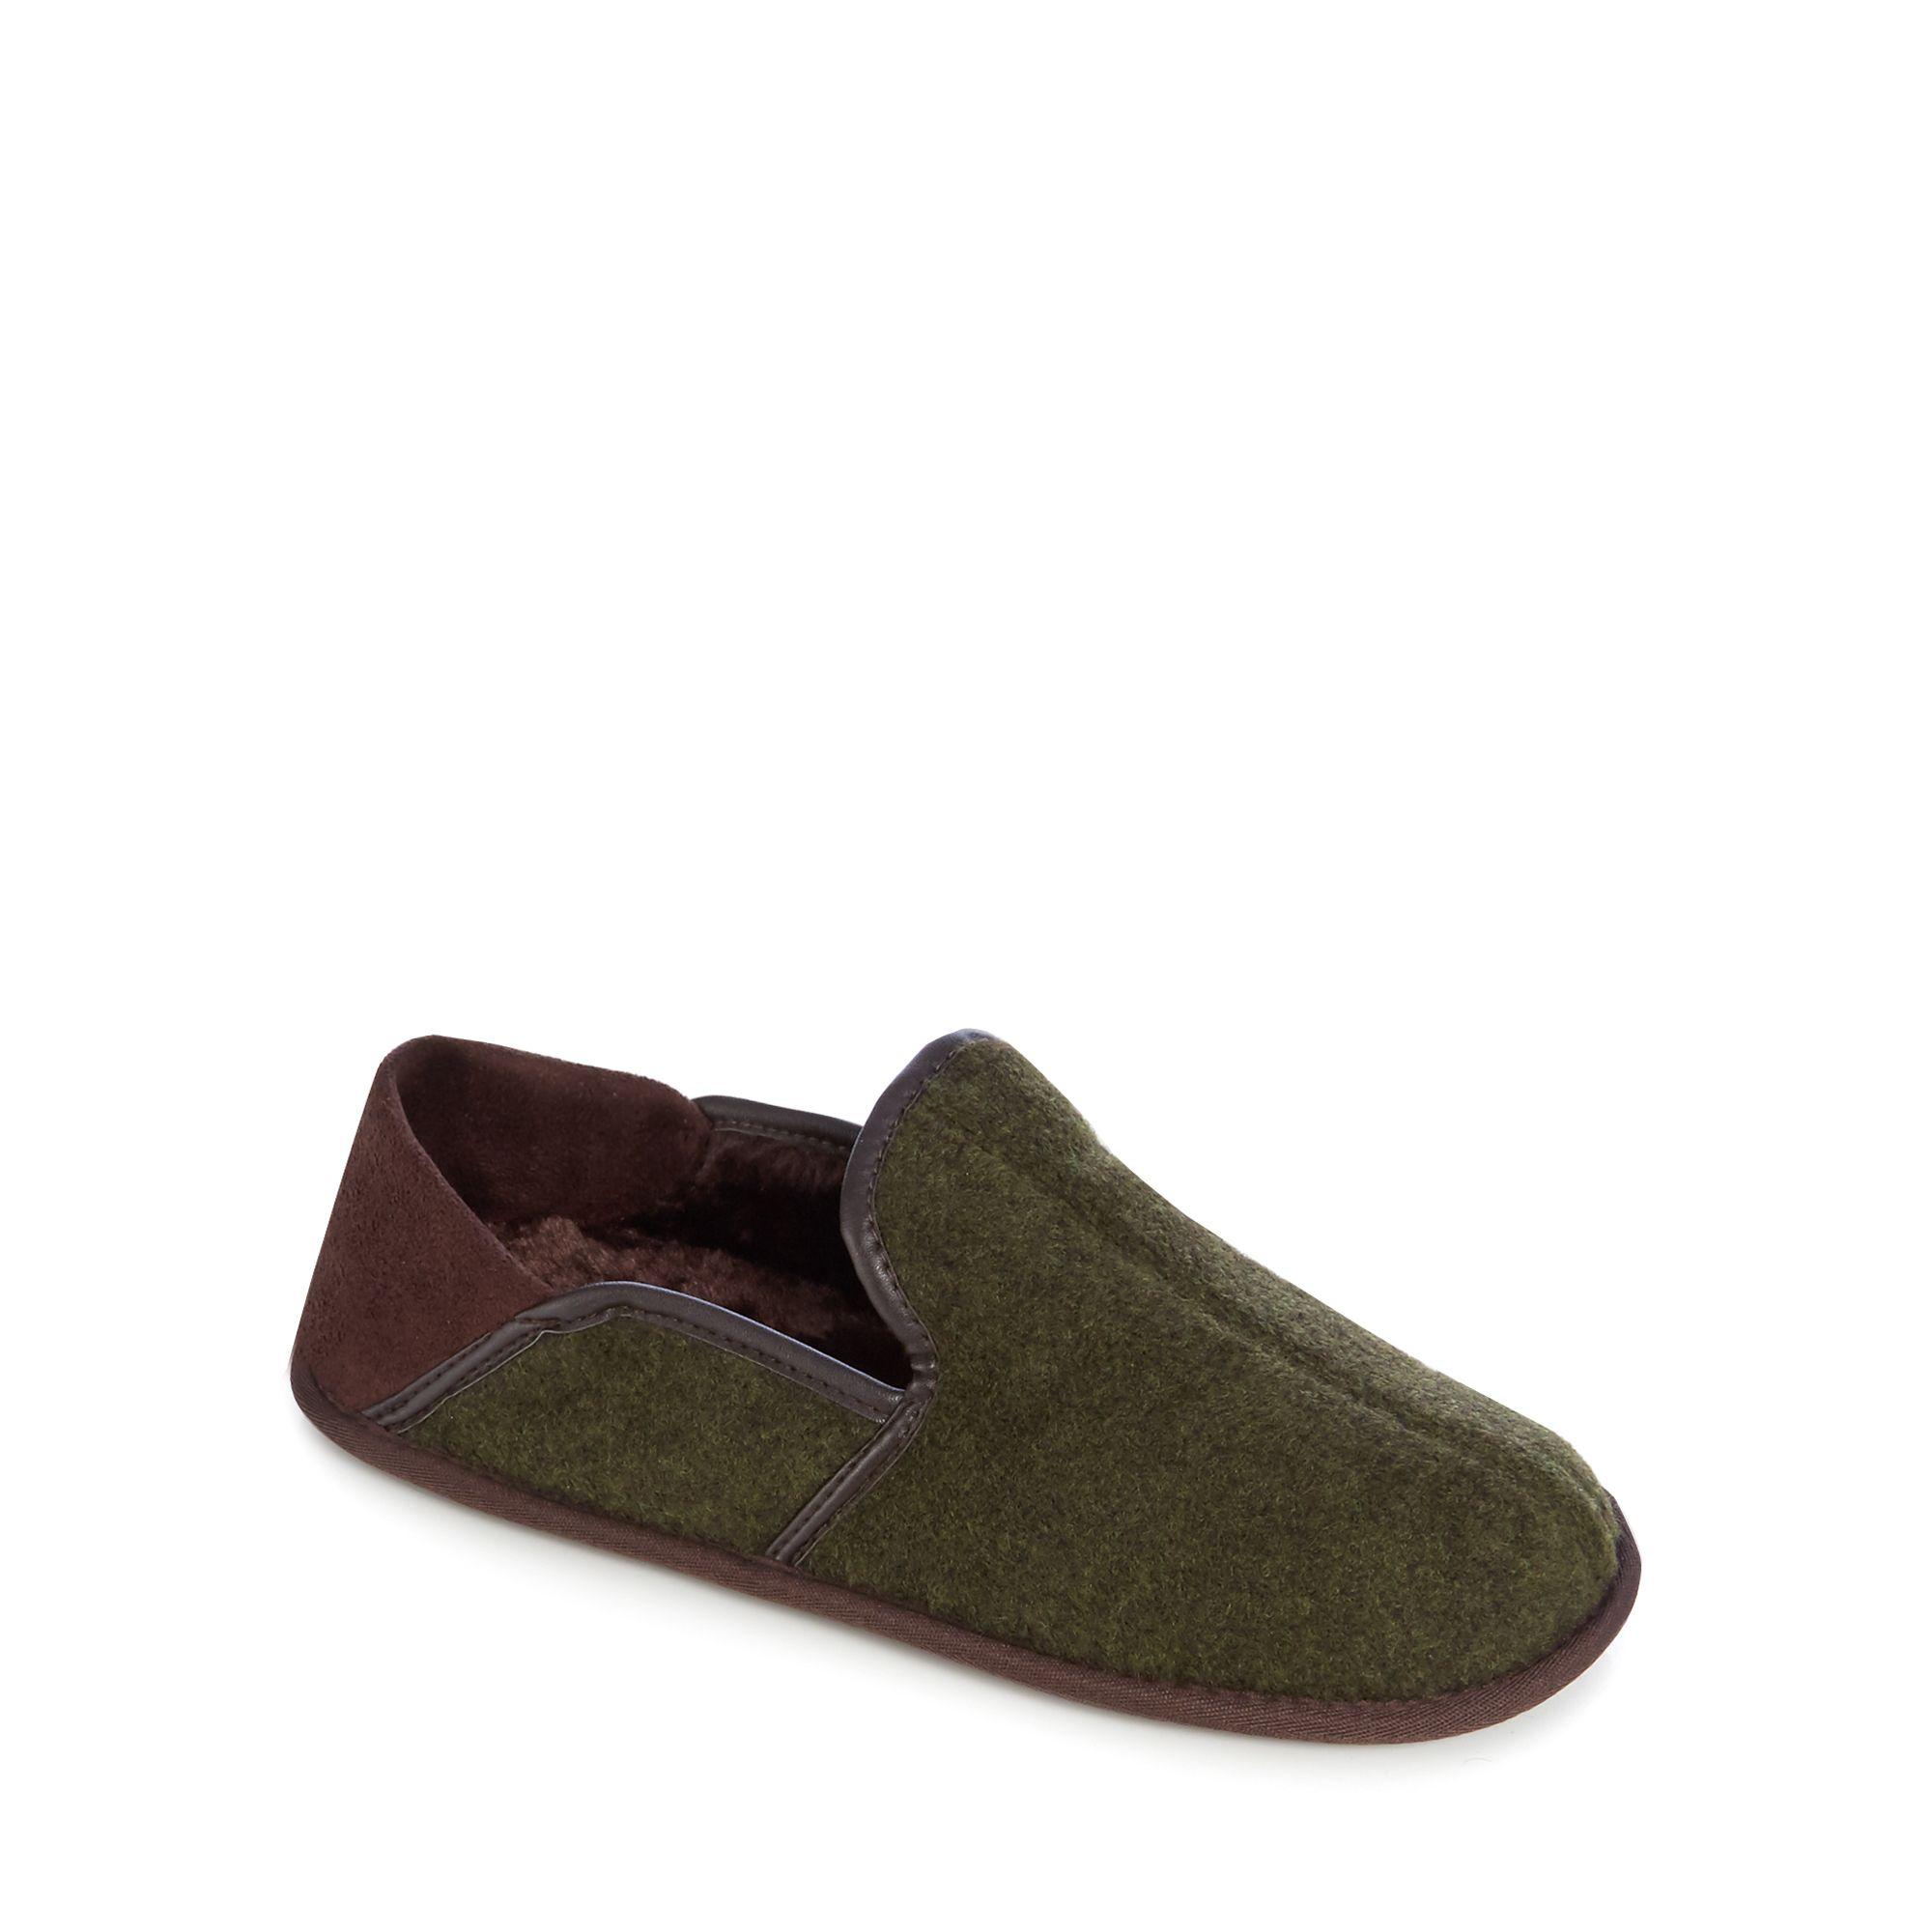 John Rocha Mens Shoes